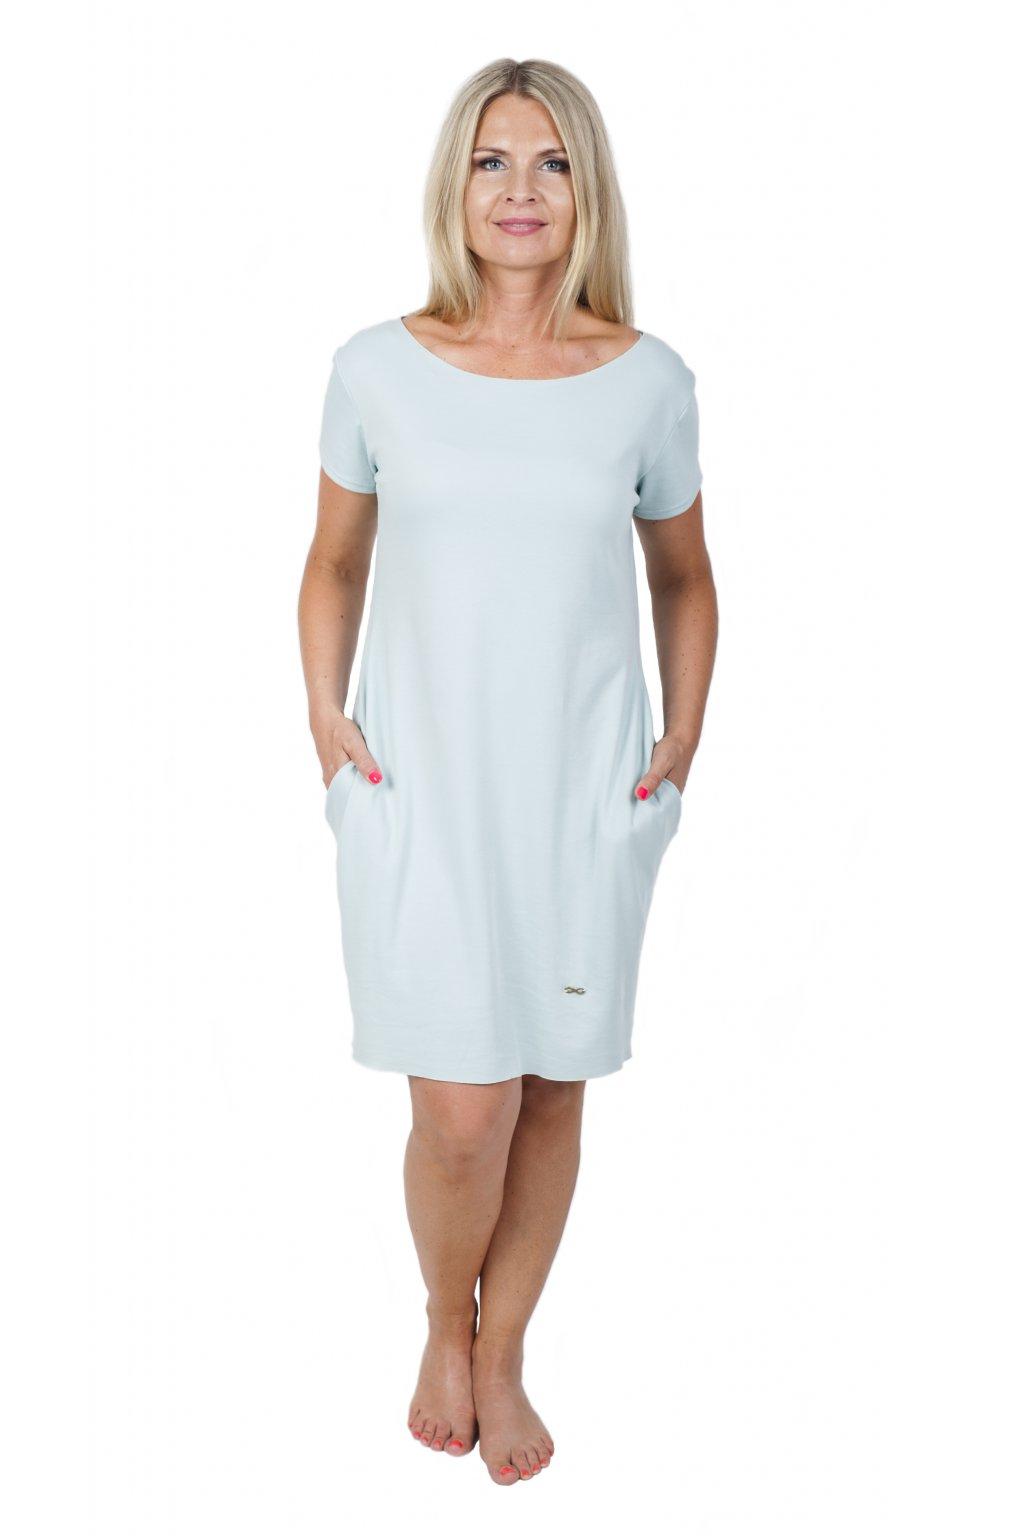 Božské šaty Afrodité s krátkým rukávem / Mint